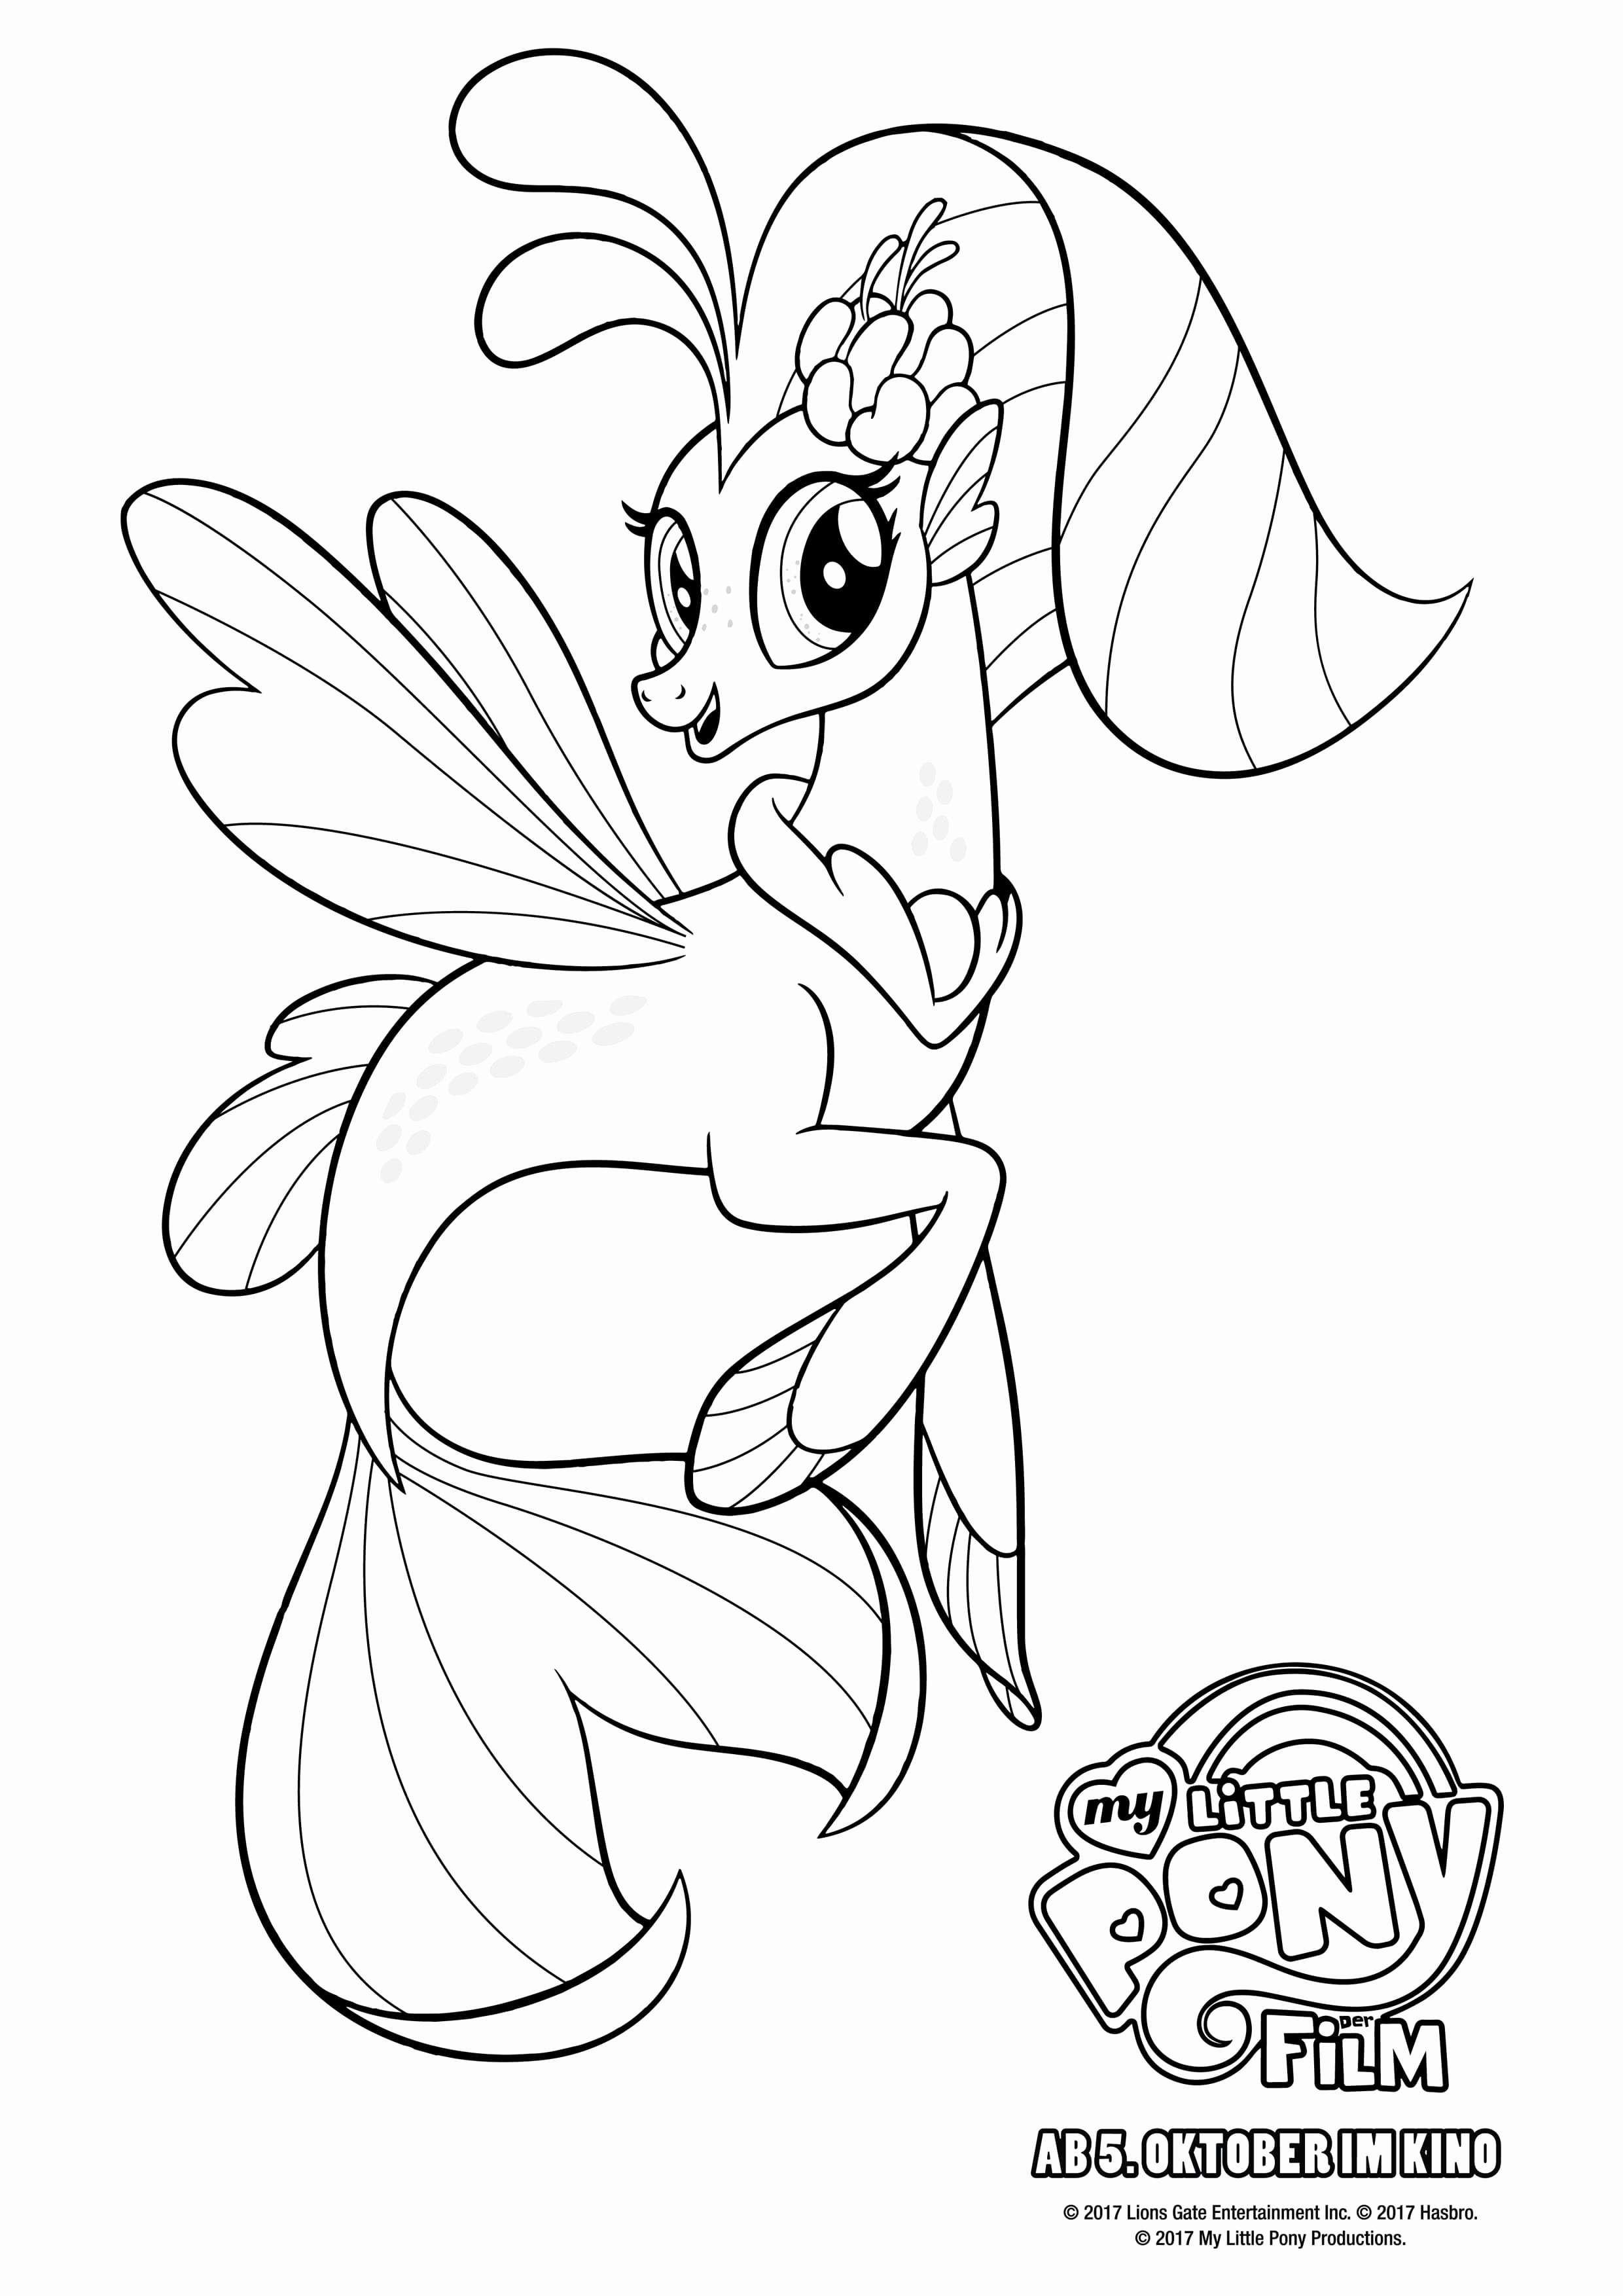 My Little Pony Friendship is Magic Ausmalbilder Das Beste Von My Little Pony Princess Celestia Download 54 Genial Bilder Genial Fotos